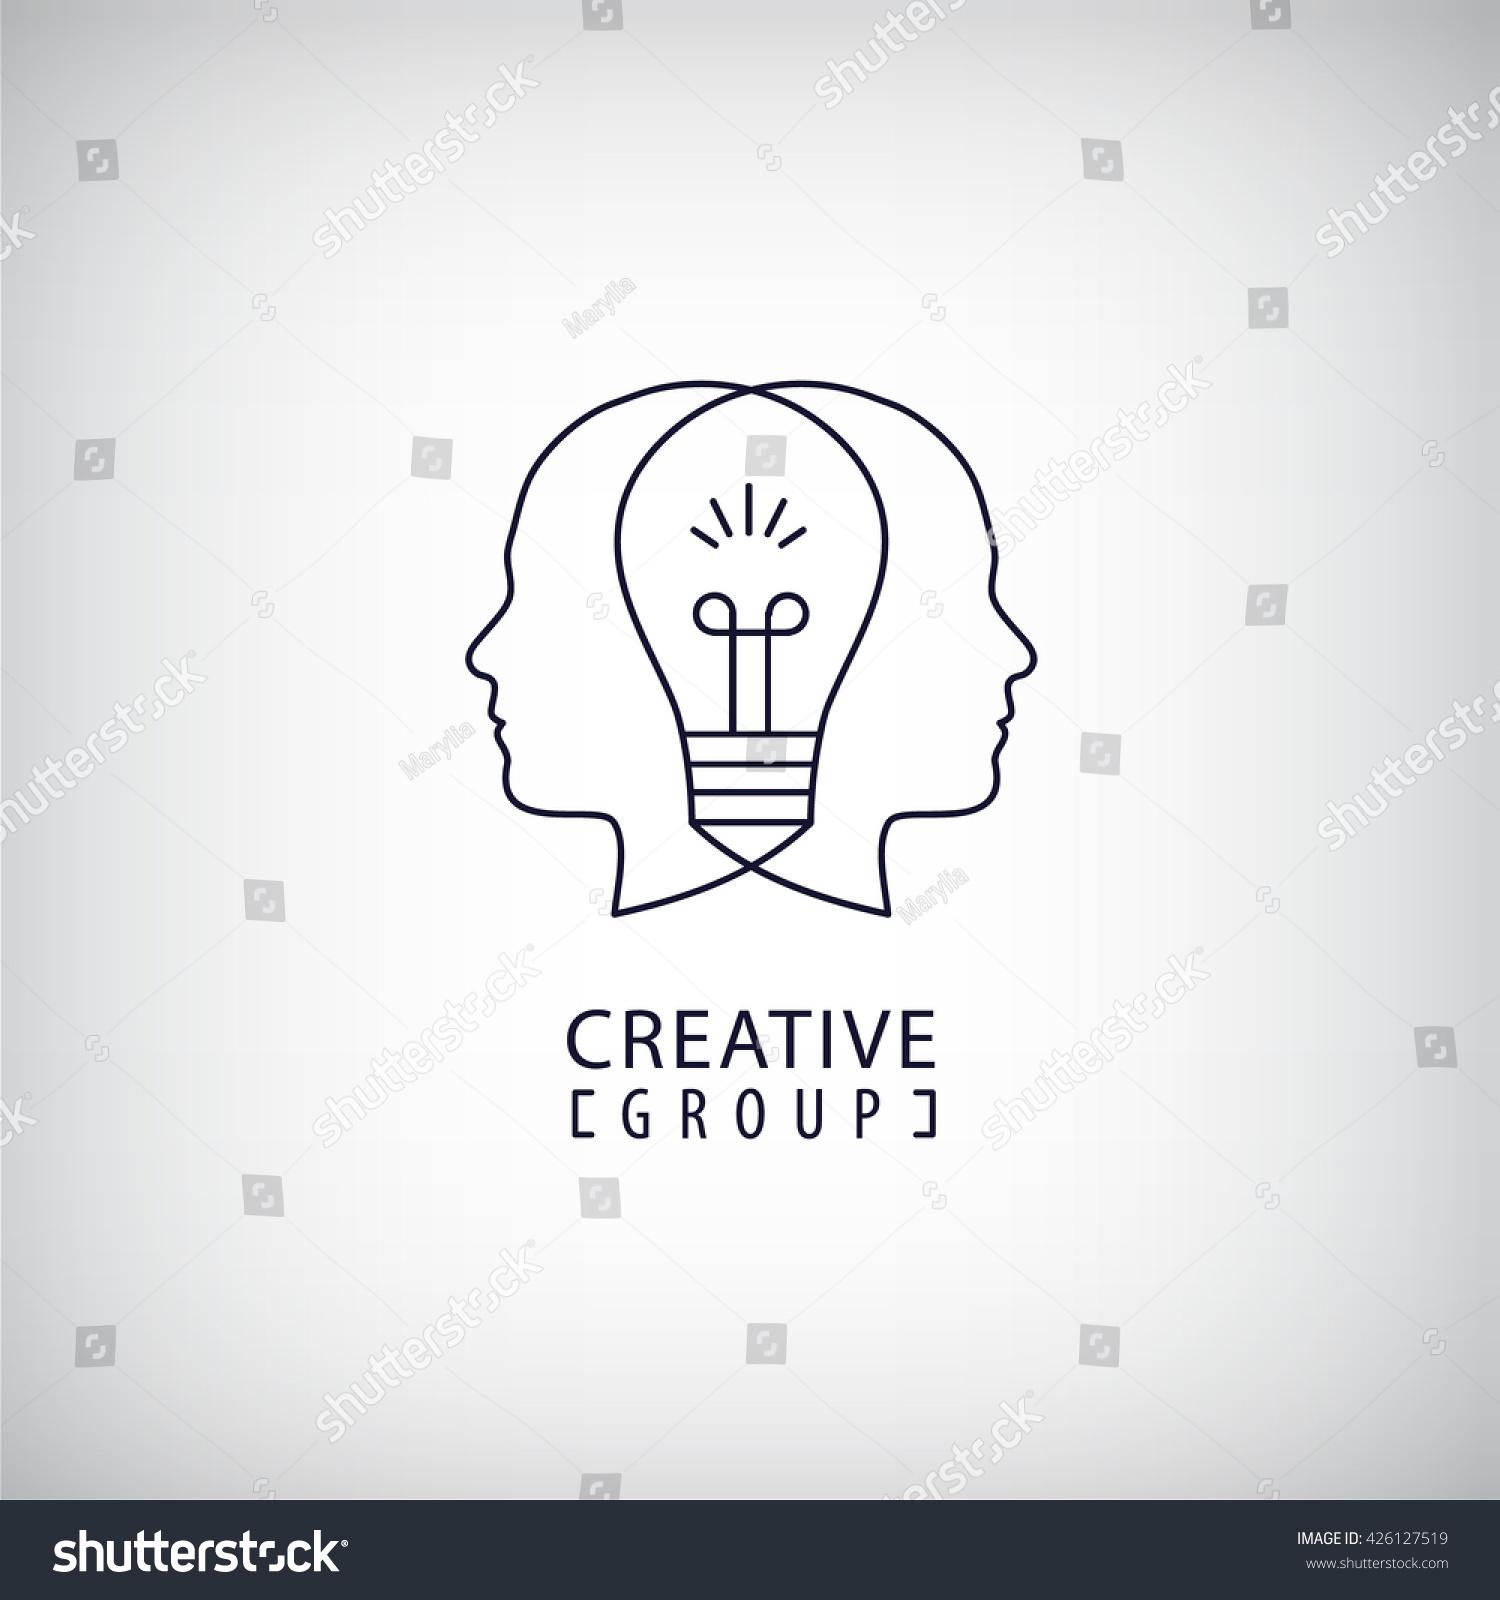 Vector Creative Mind Logo Creative Group Stock Vector